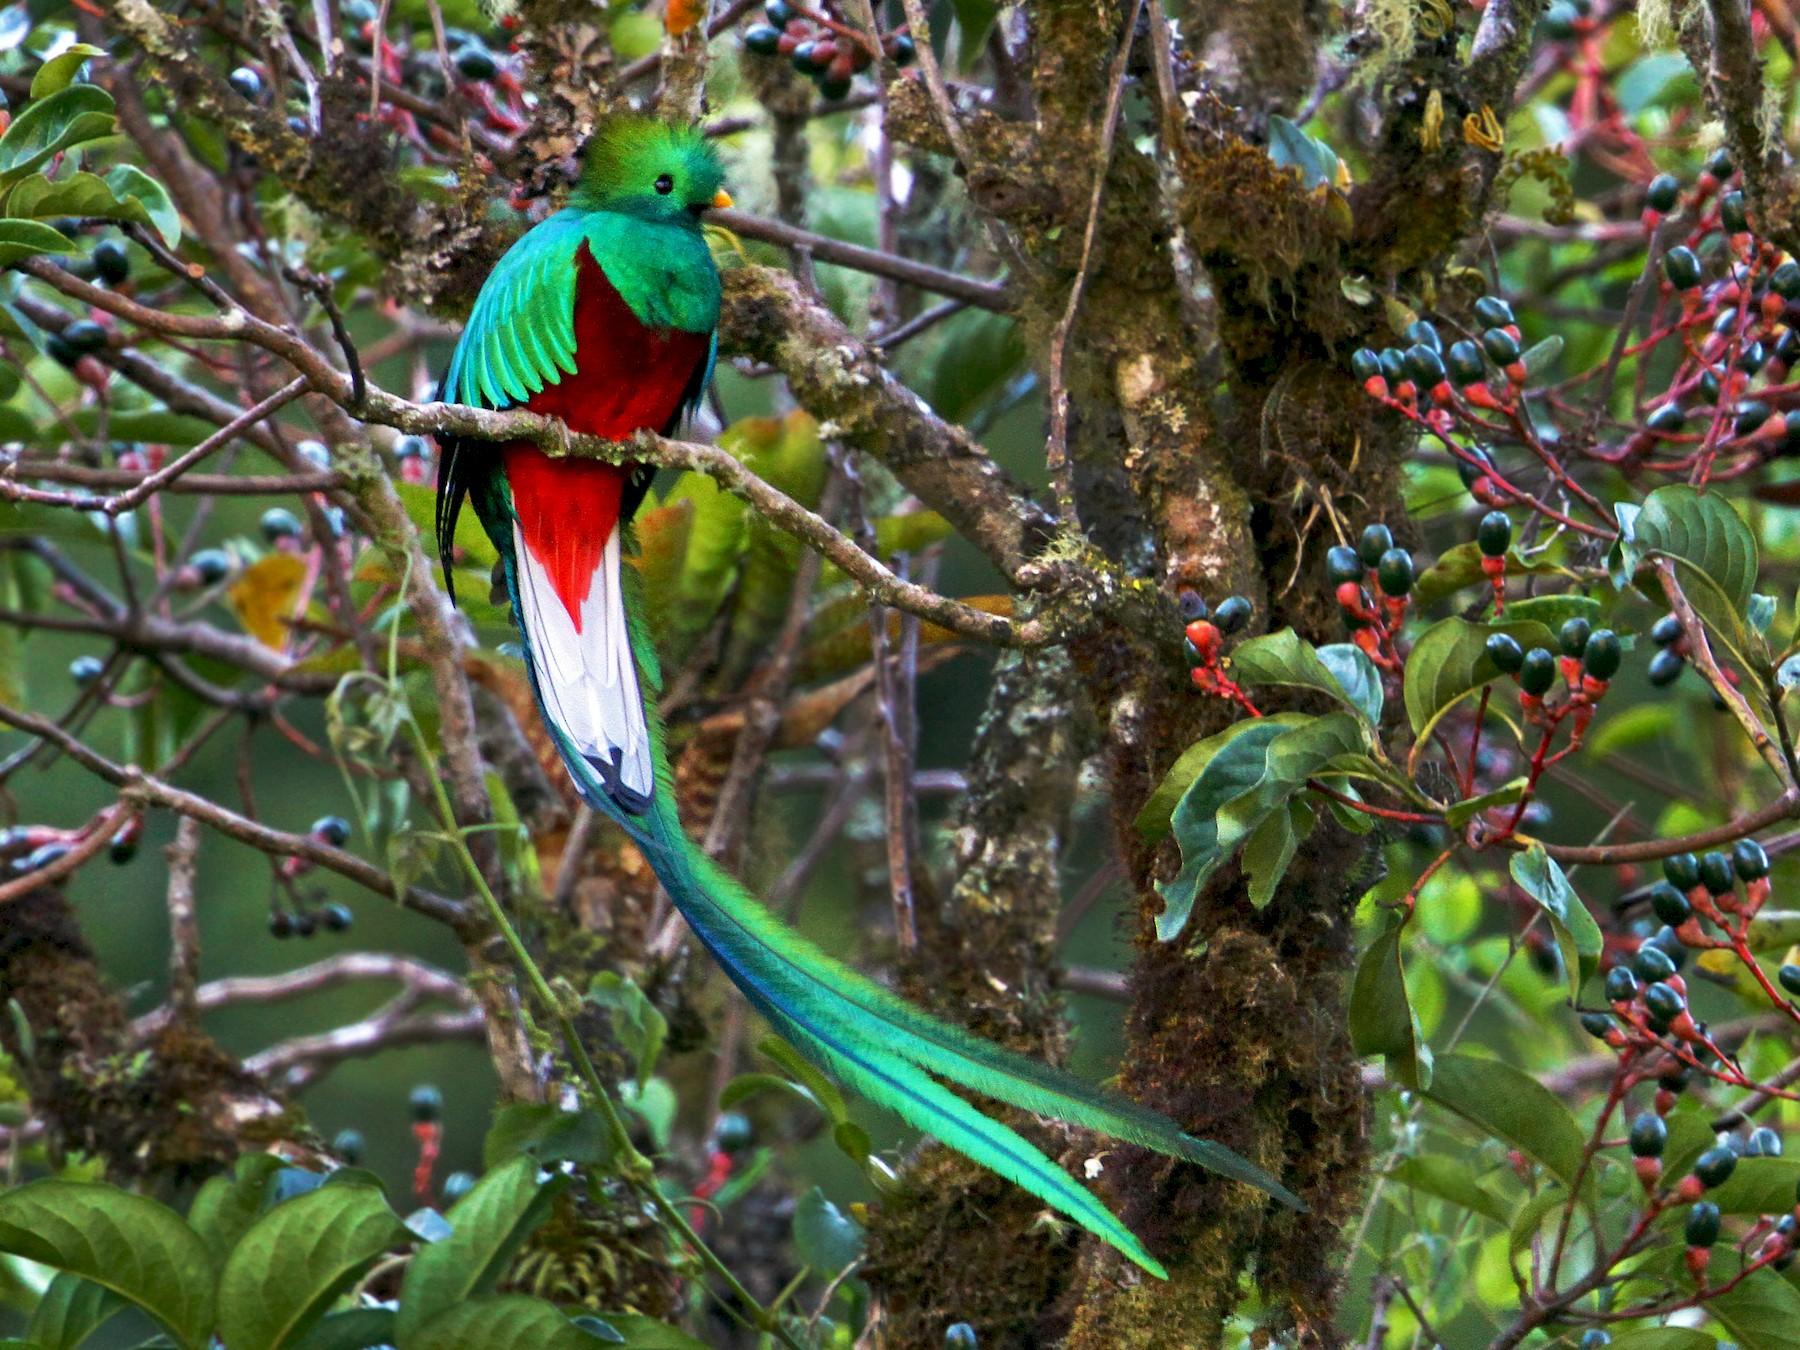 Resplendent Quetzal - Andrew Spencer